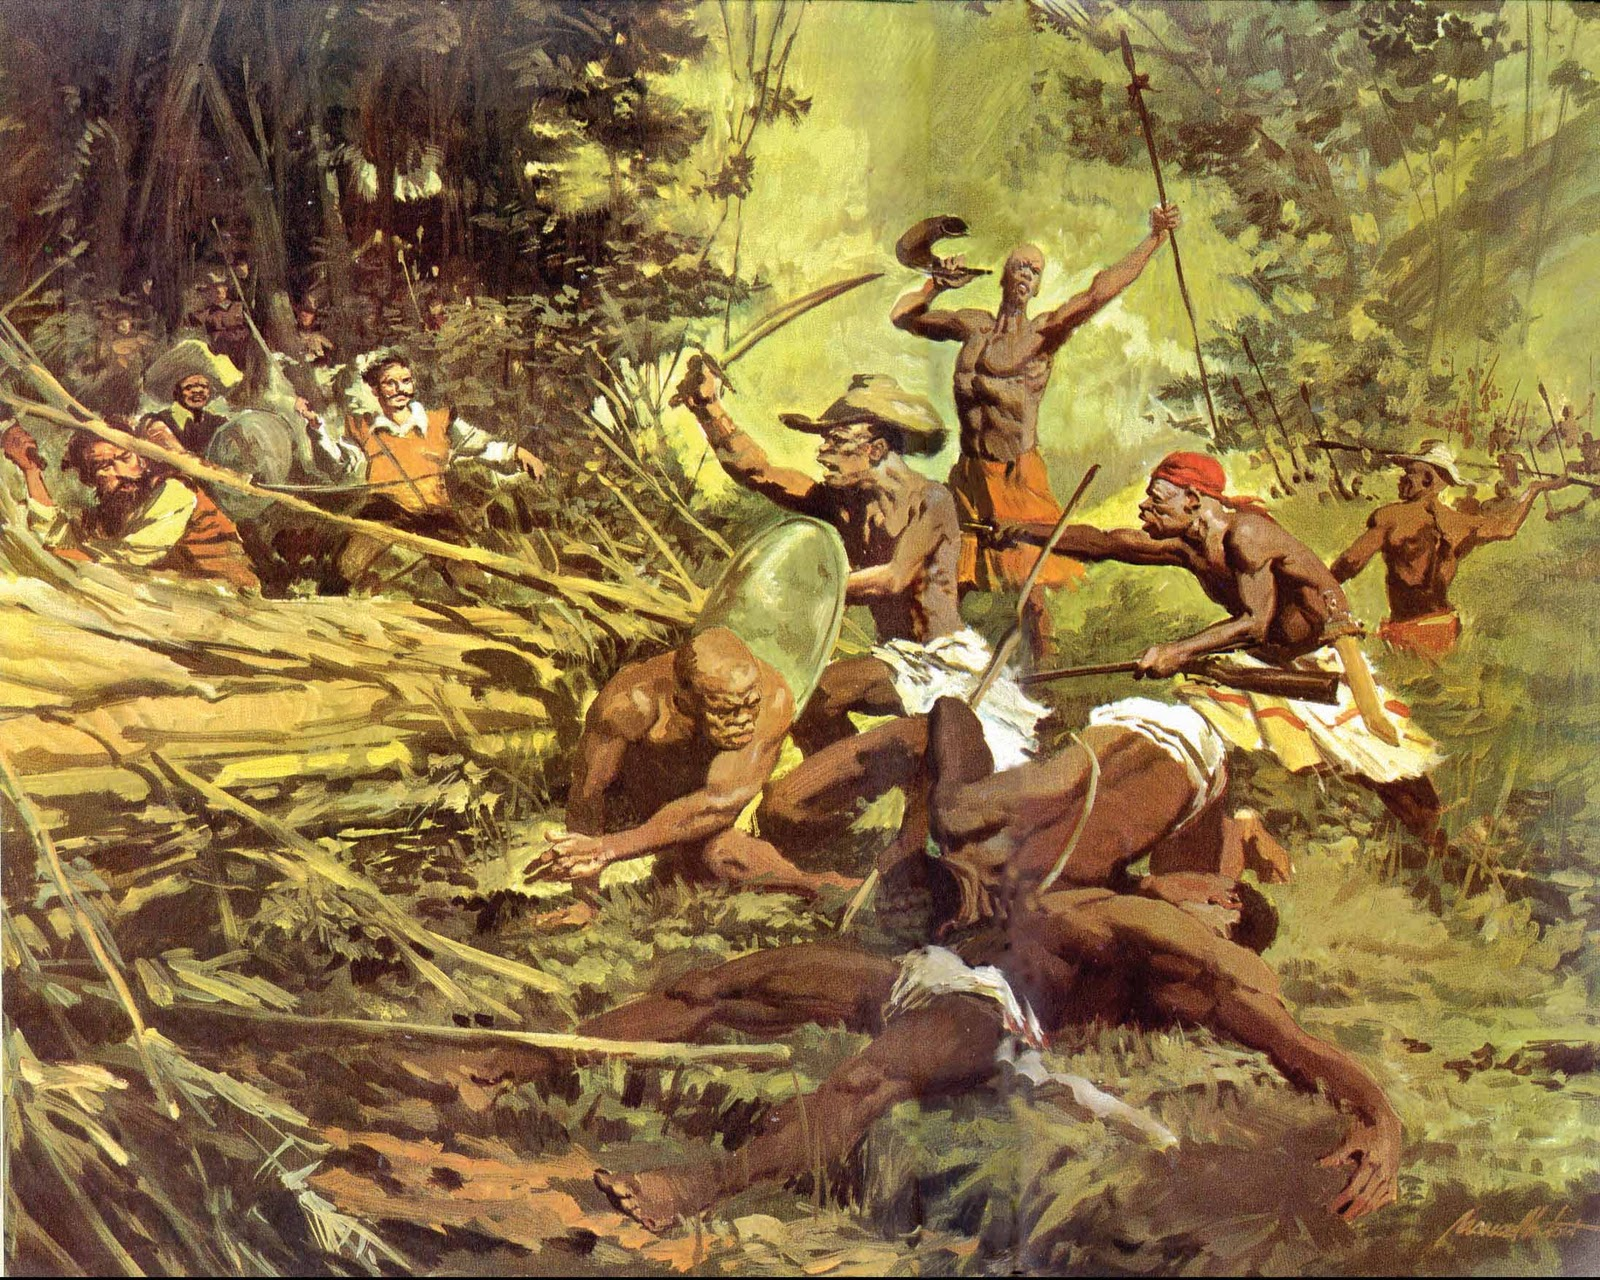 Palmares e Zumbi dos Palmares